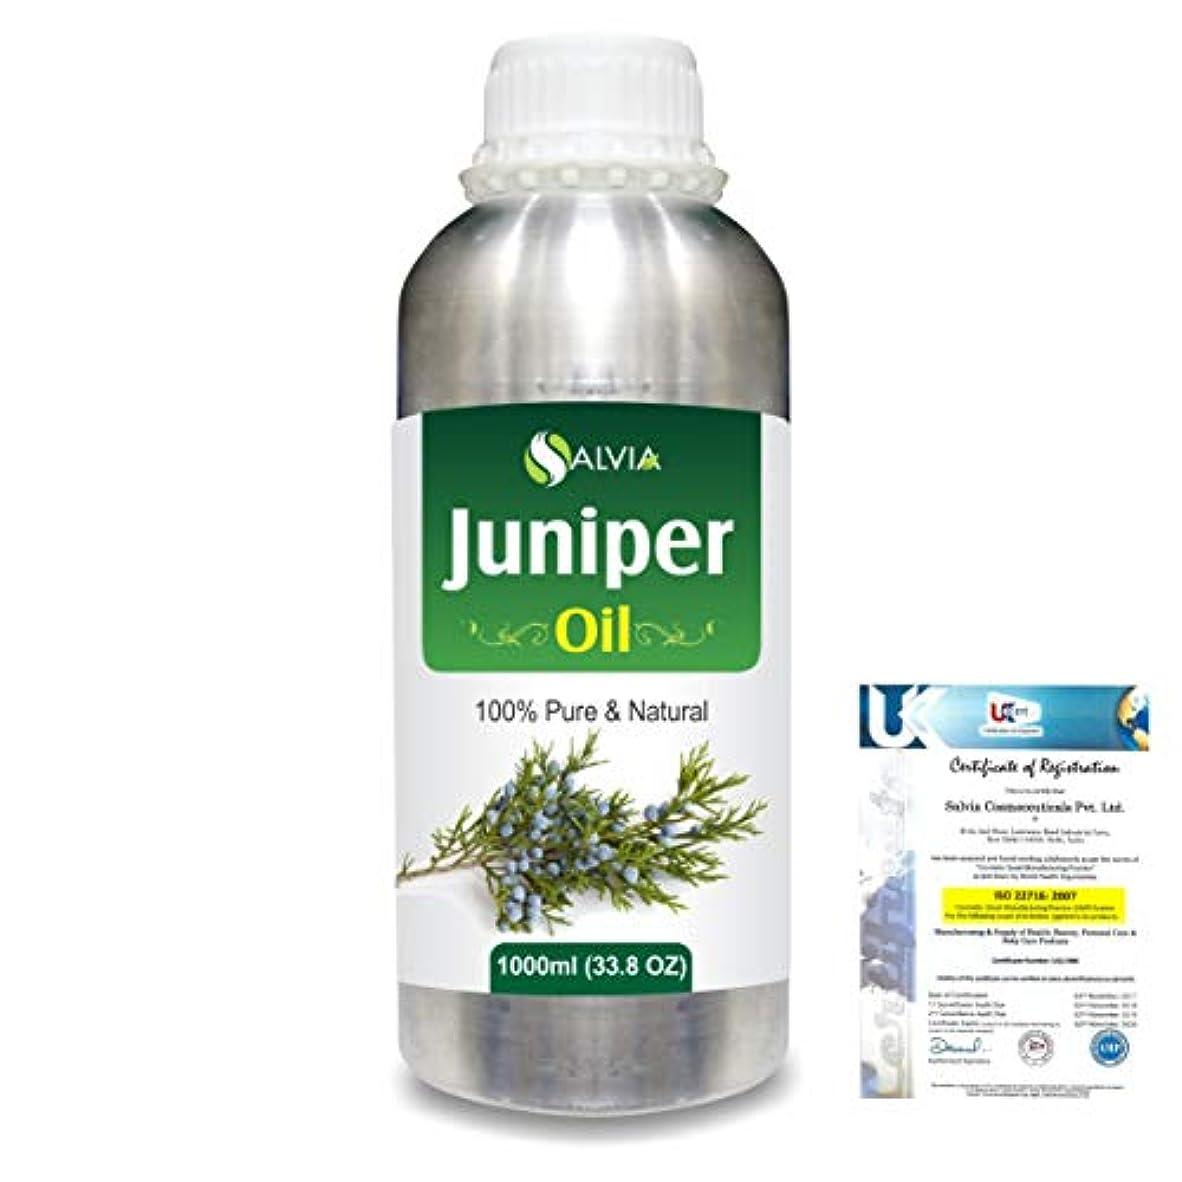 Juniper (Juniperus communis) 100% Natural Pure Essential Oil 1000ml/33.8fl.oz.